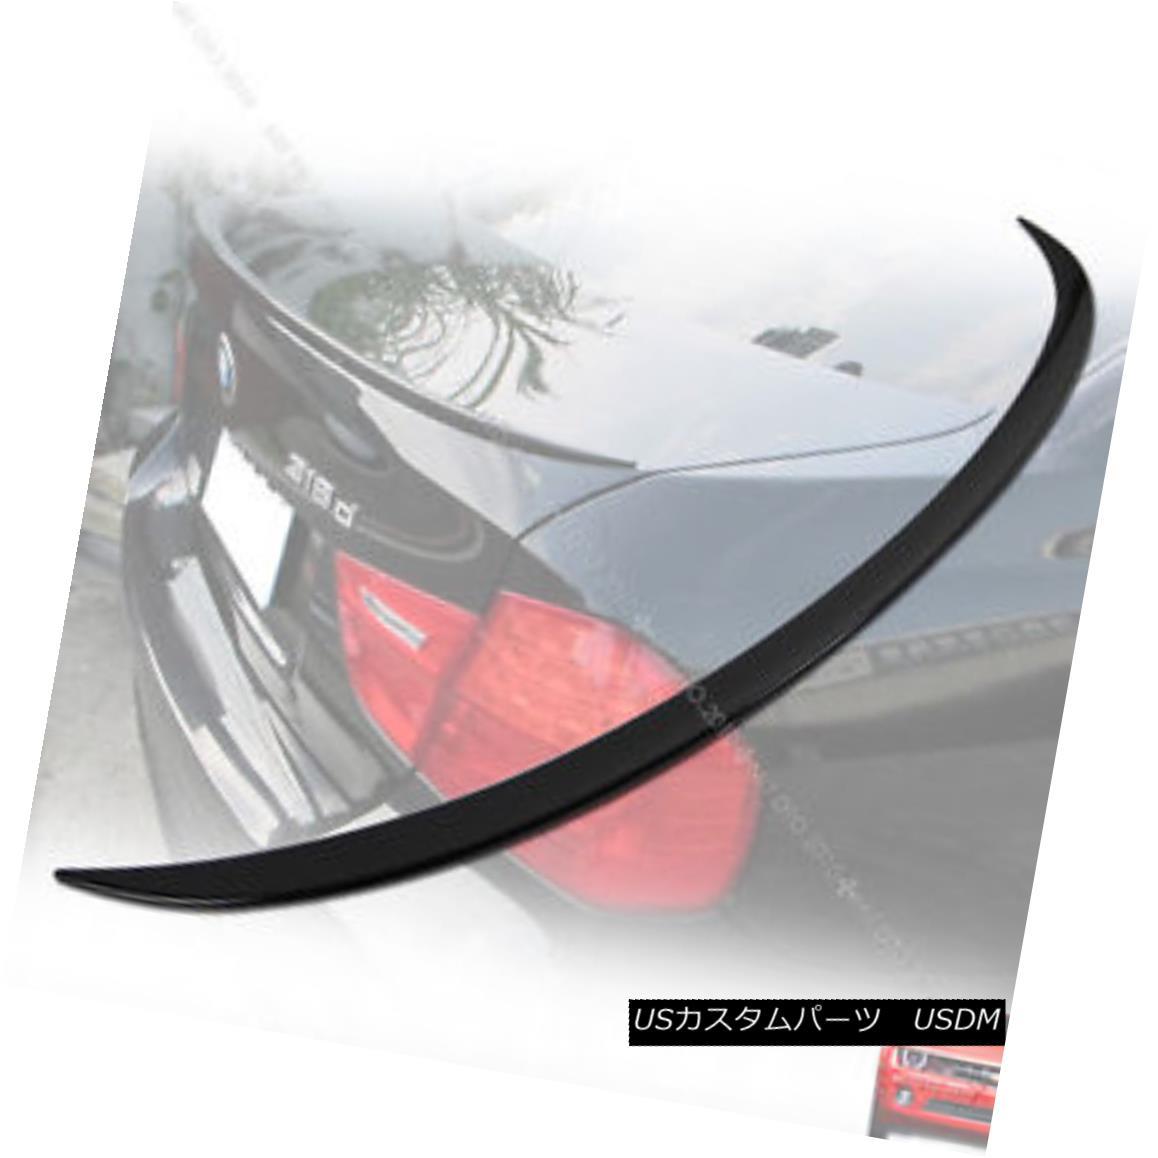 エアロパーツ ++ BMW E90 M3-Type 3-Series 06-11 Boot Trunk Spoiler Rear Wing Painted 475 ++ BMW E90 M3タイプ3シリーズ06-11ブートトランクスポイラーリアウイング塗装済み475